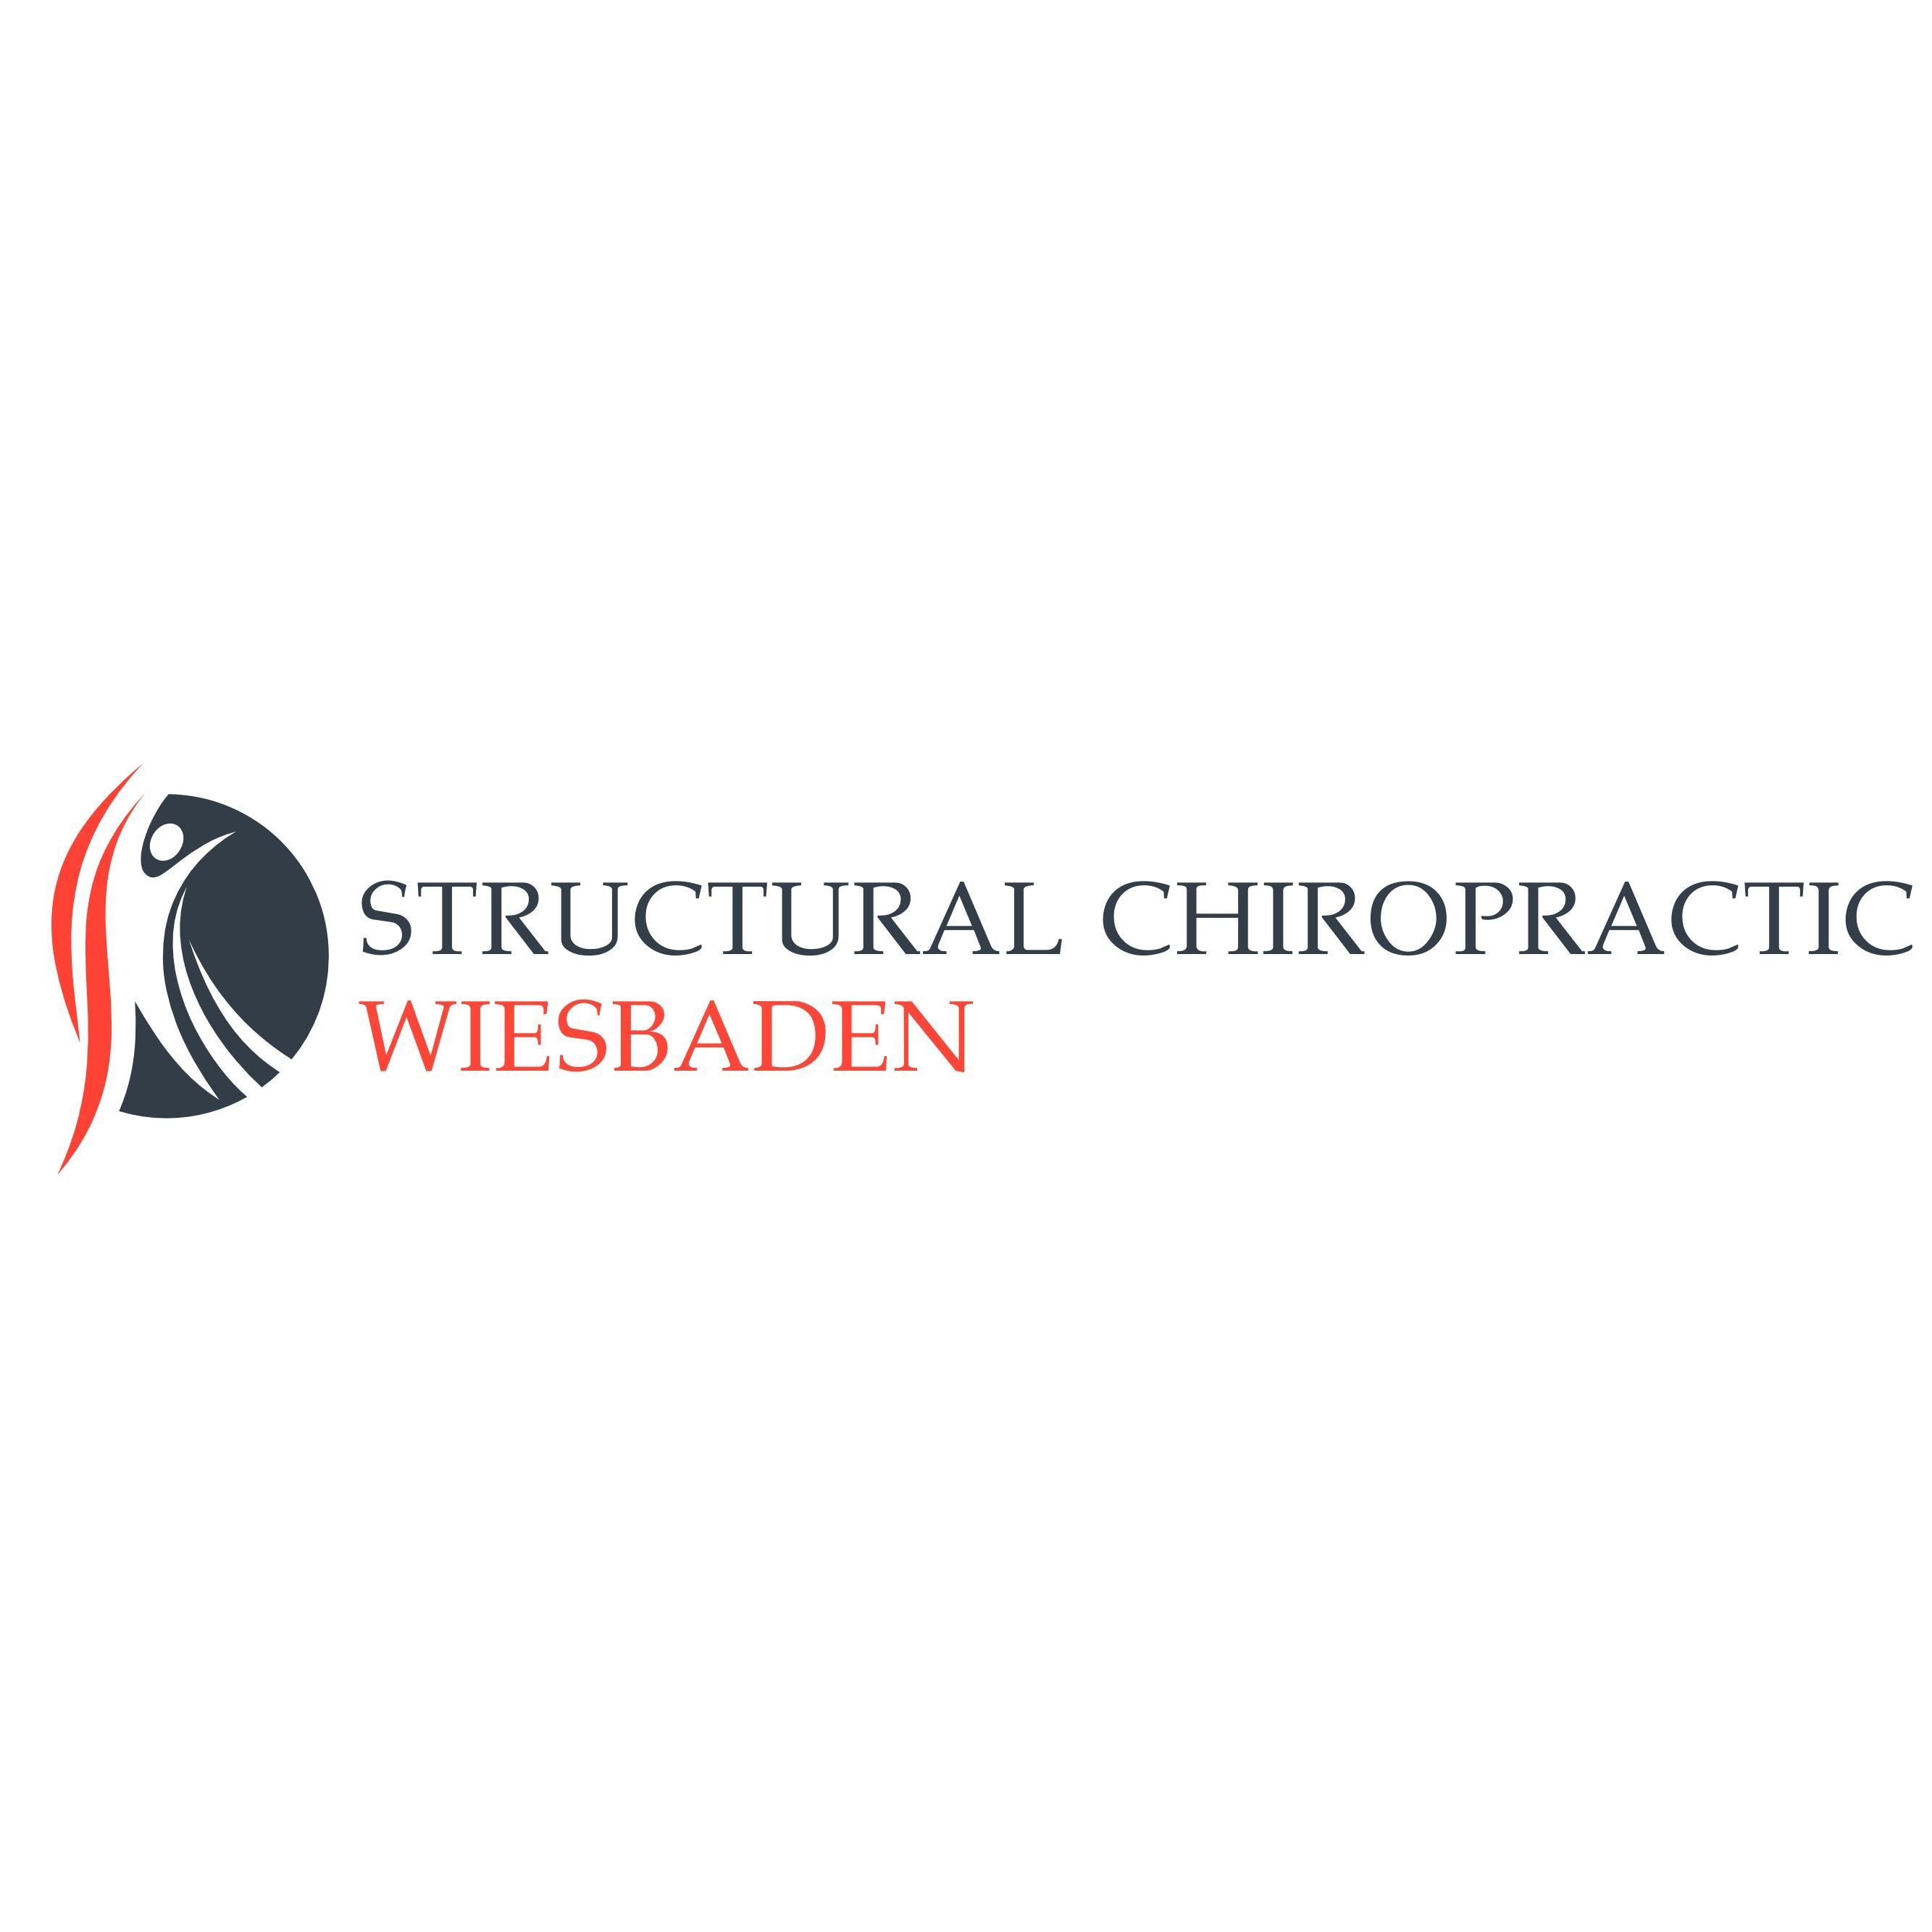 Bild zu Chiropraktik - Structural Chiropractic Wiesbaden in Wiesbaden